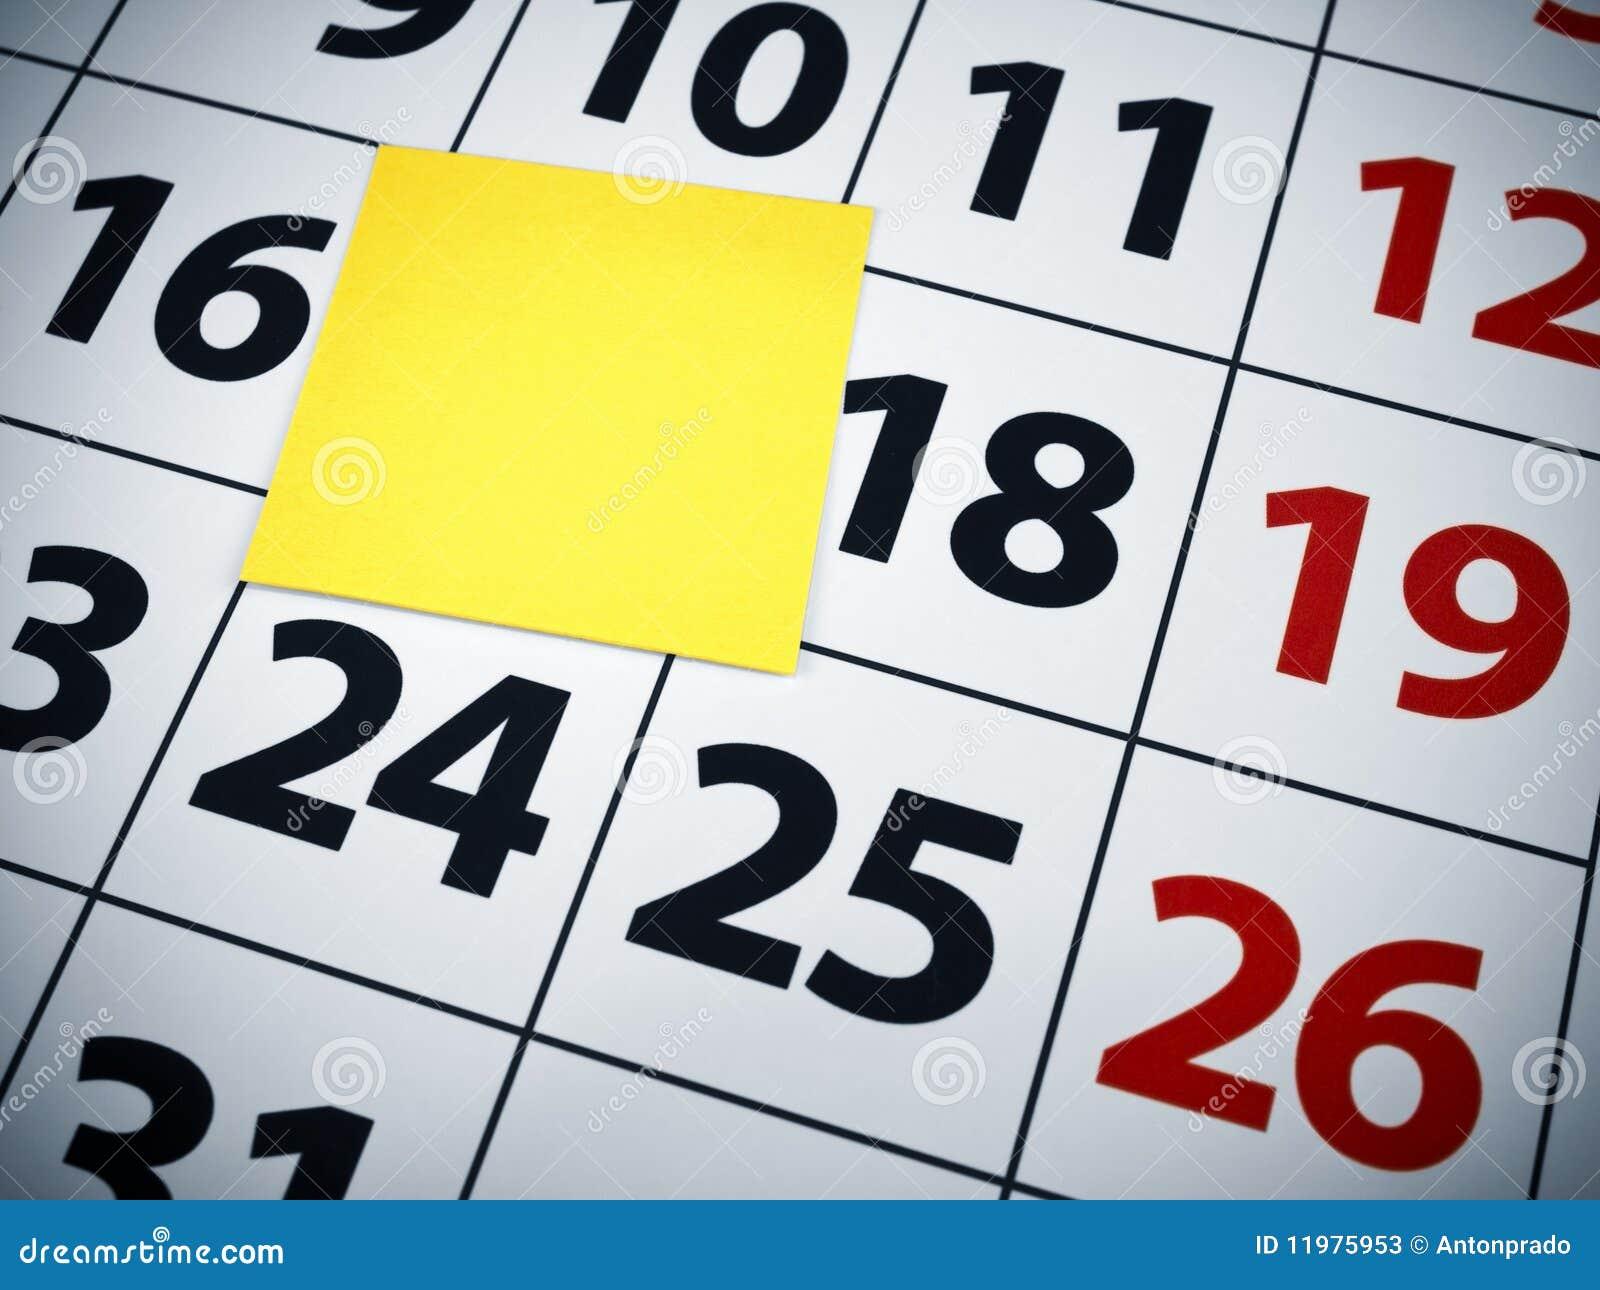 Weekly Calendar Sticky Notes : Blank sticky note on a calendar stock photos image